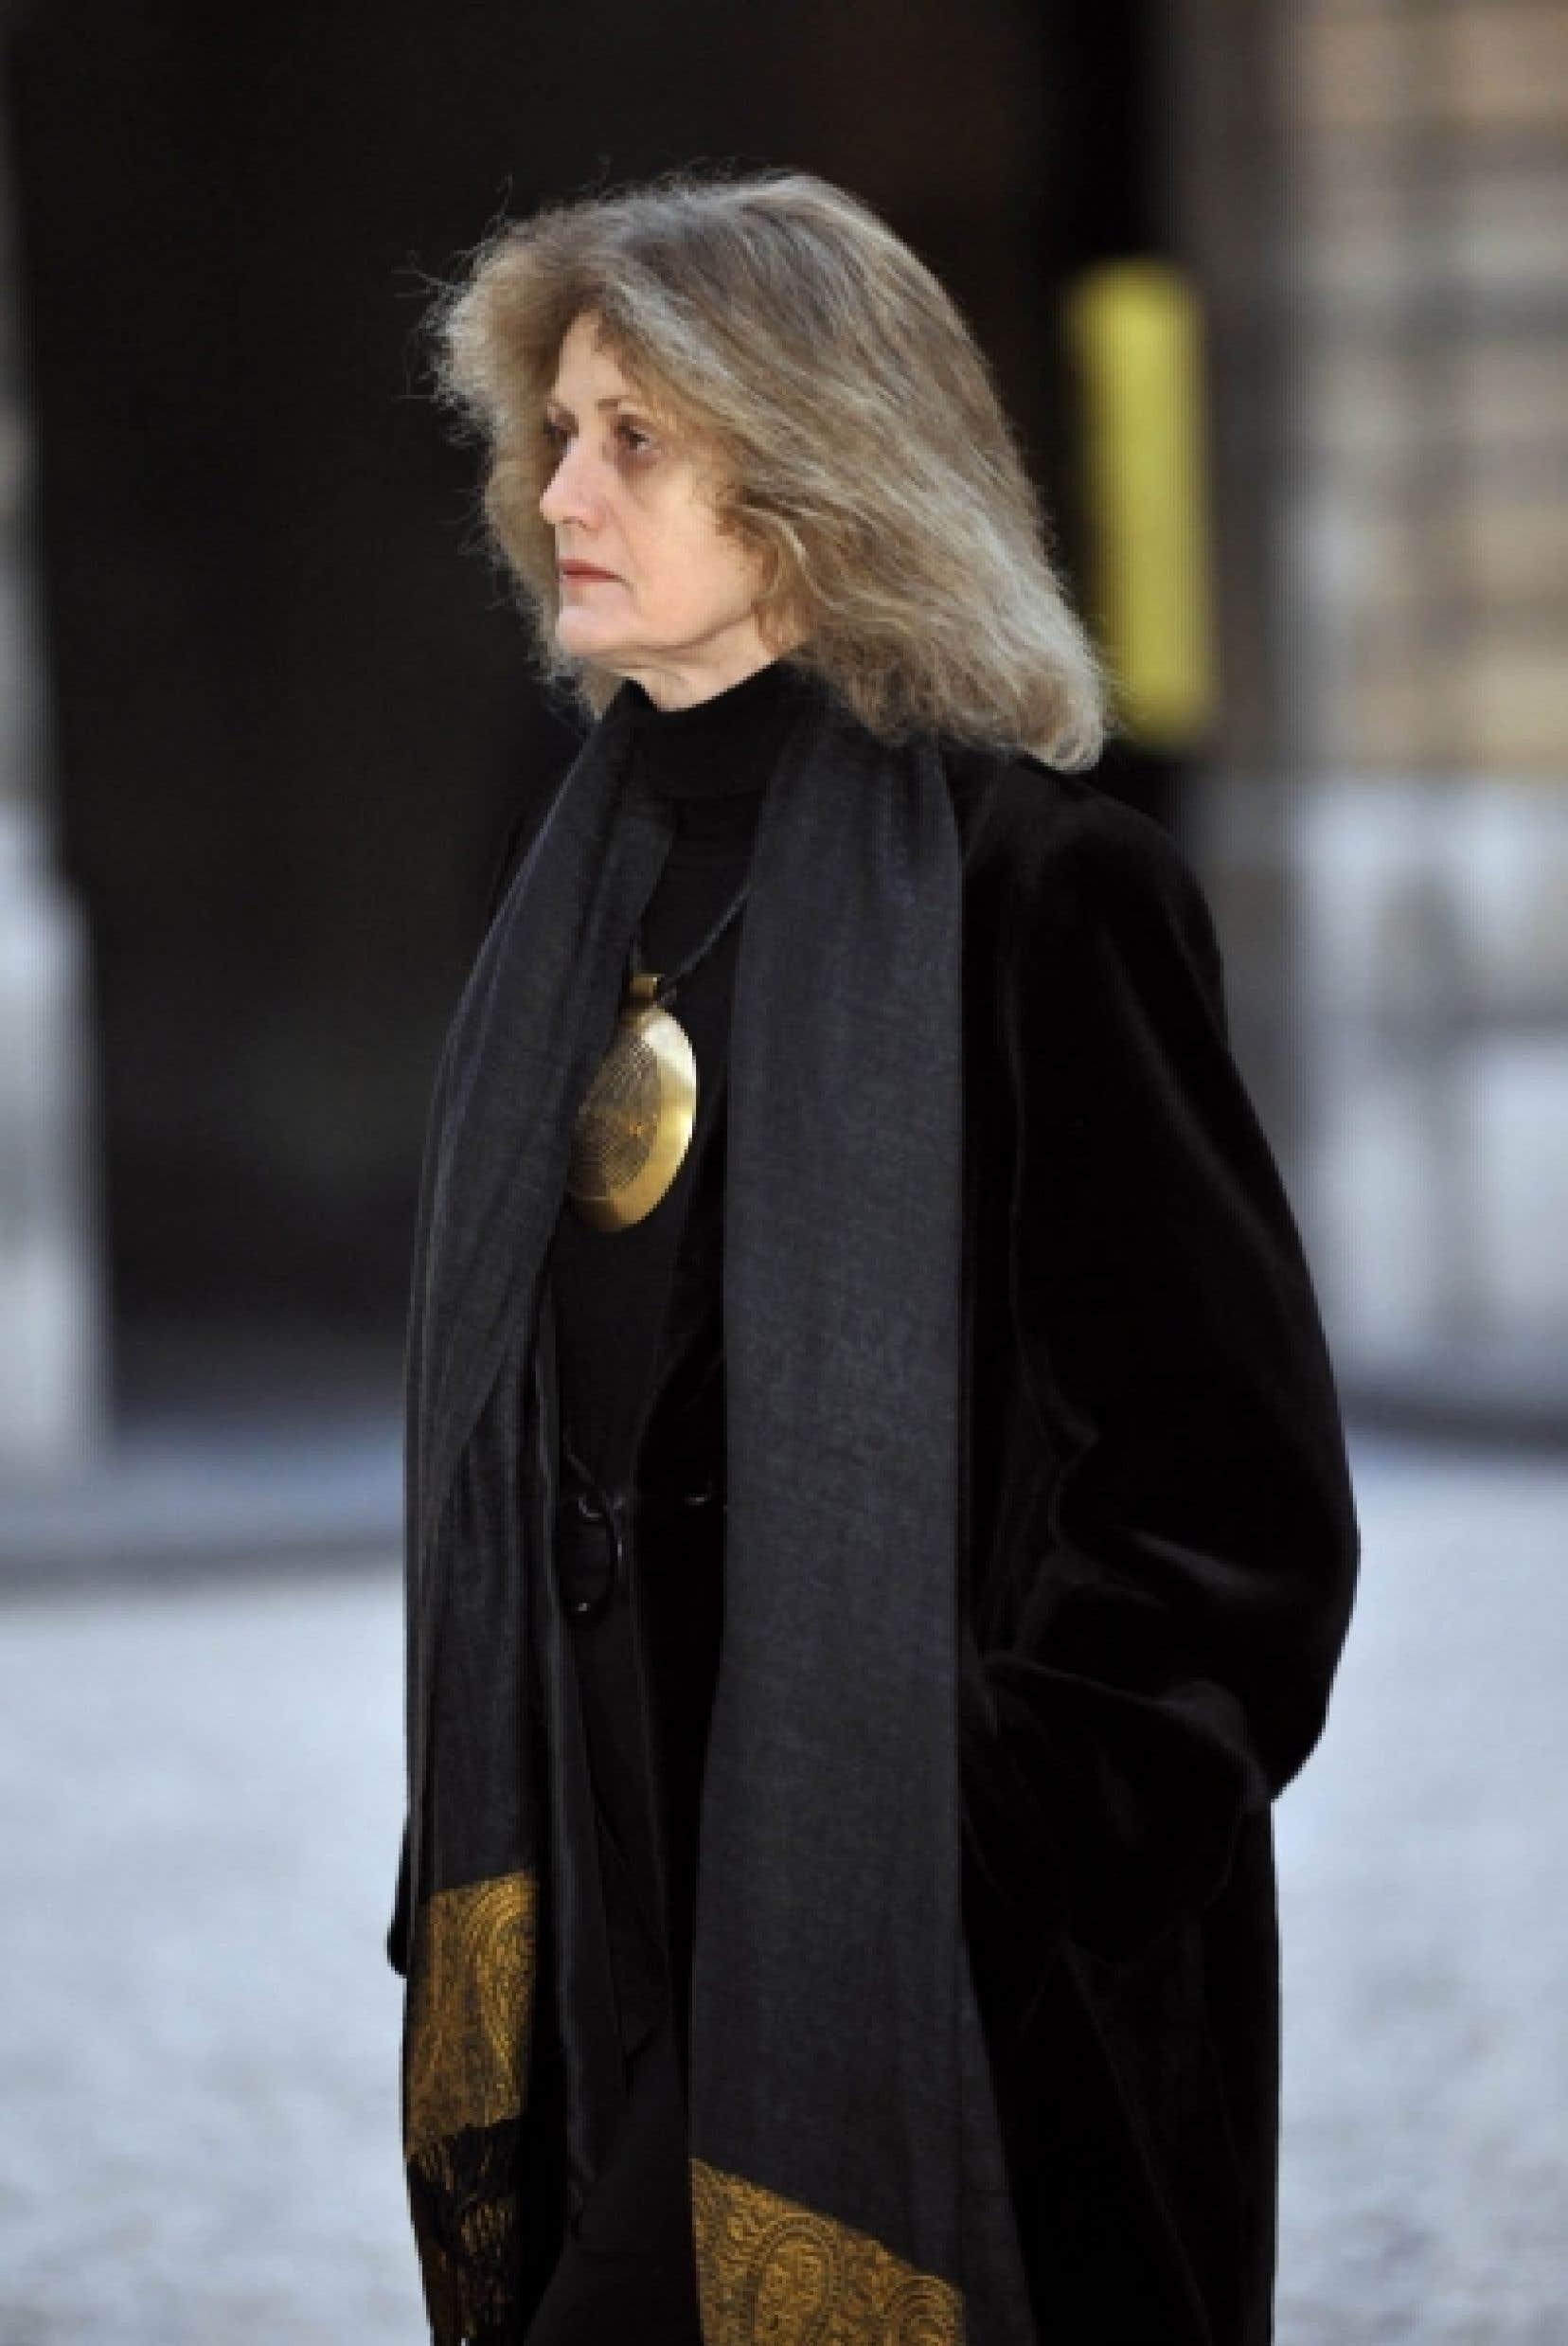 Noëlle Châtelet lors d'une récente visite au palais de l'Élysée